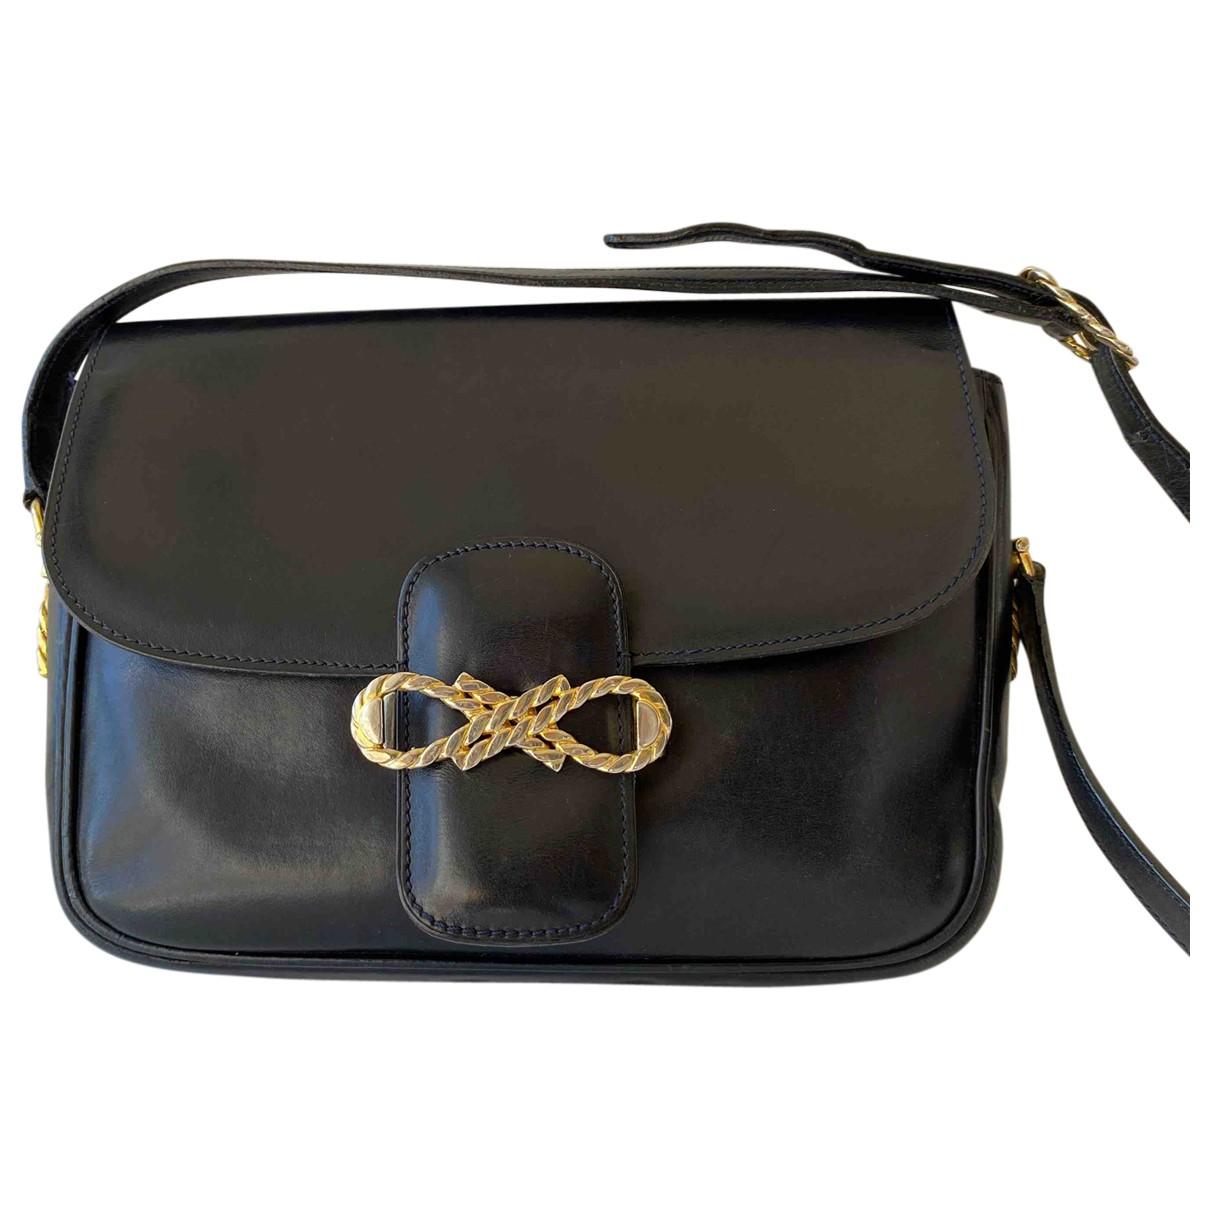 Celine N Navy Leather handbag for Women N